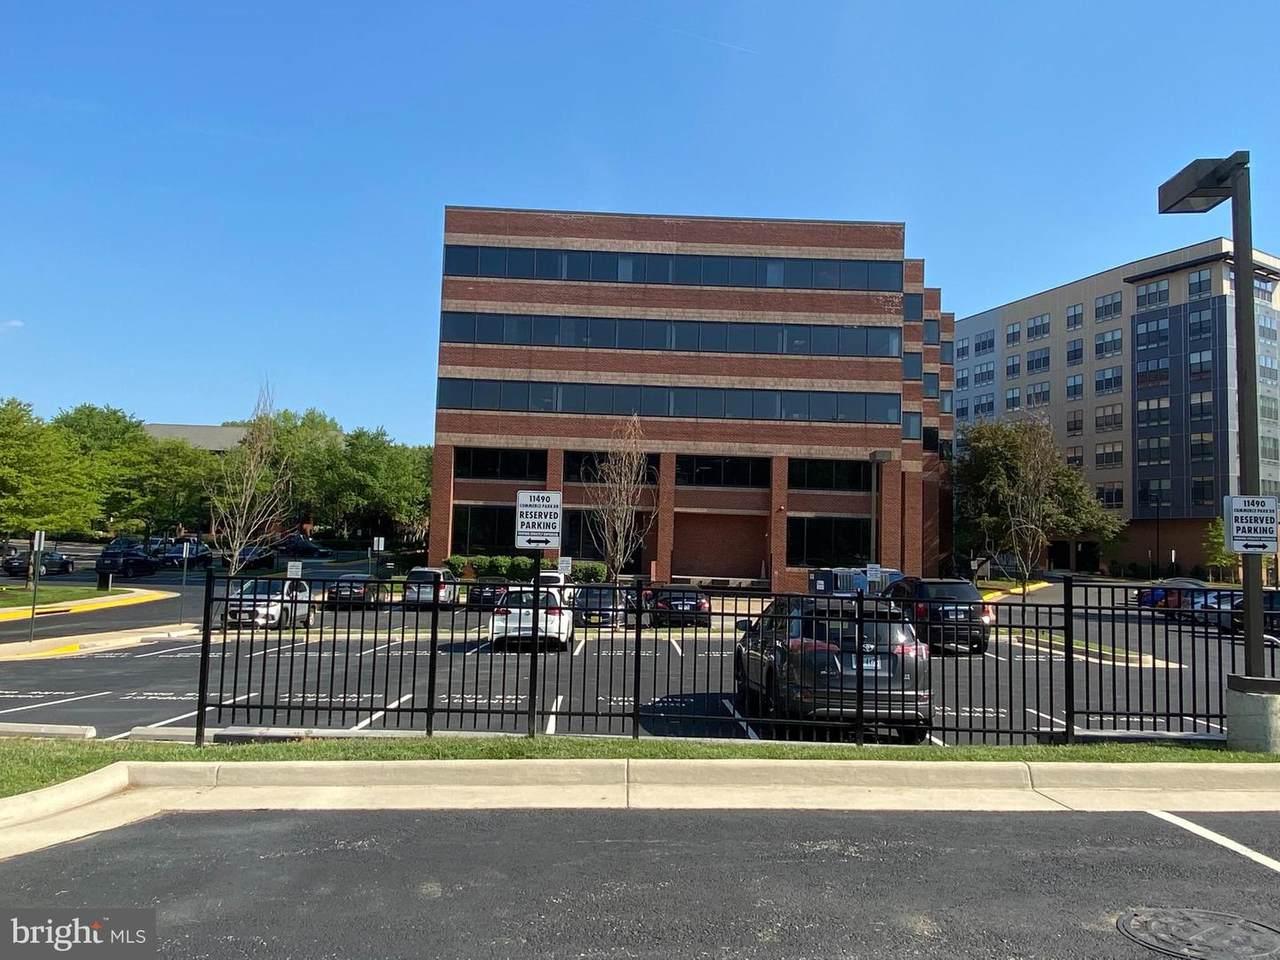 11490 Commerce Park Drive - Photo 1